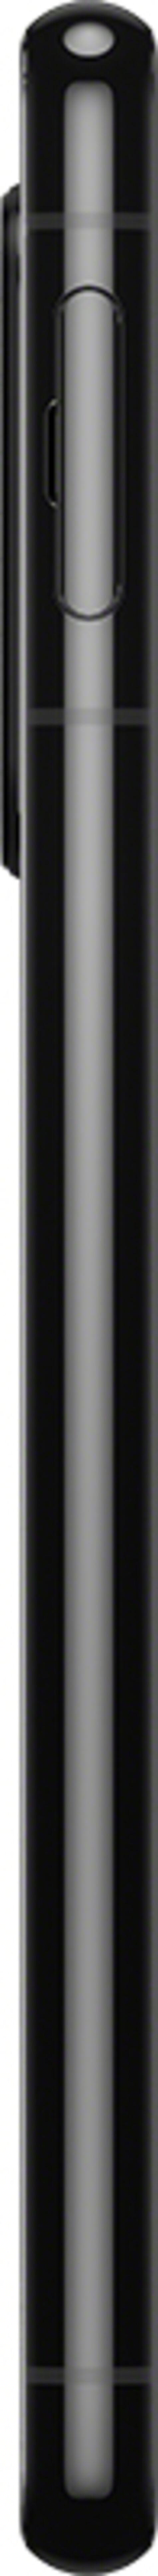 sony_xperia5iii_black_side_001.jpg